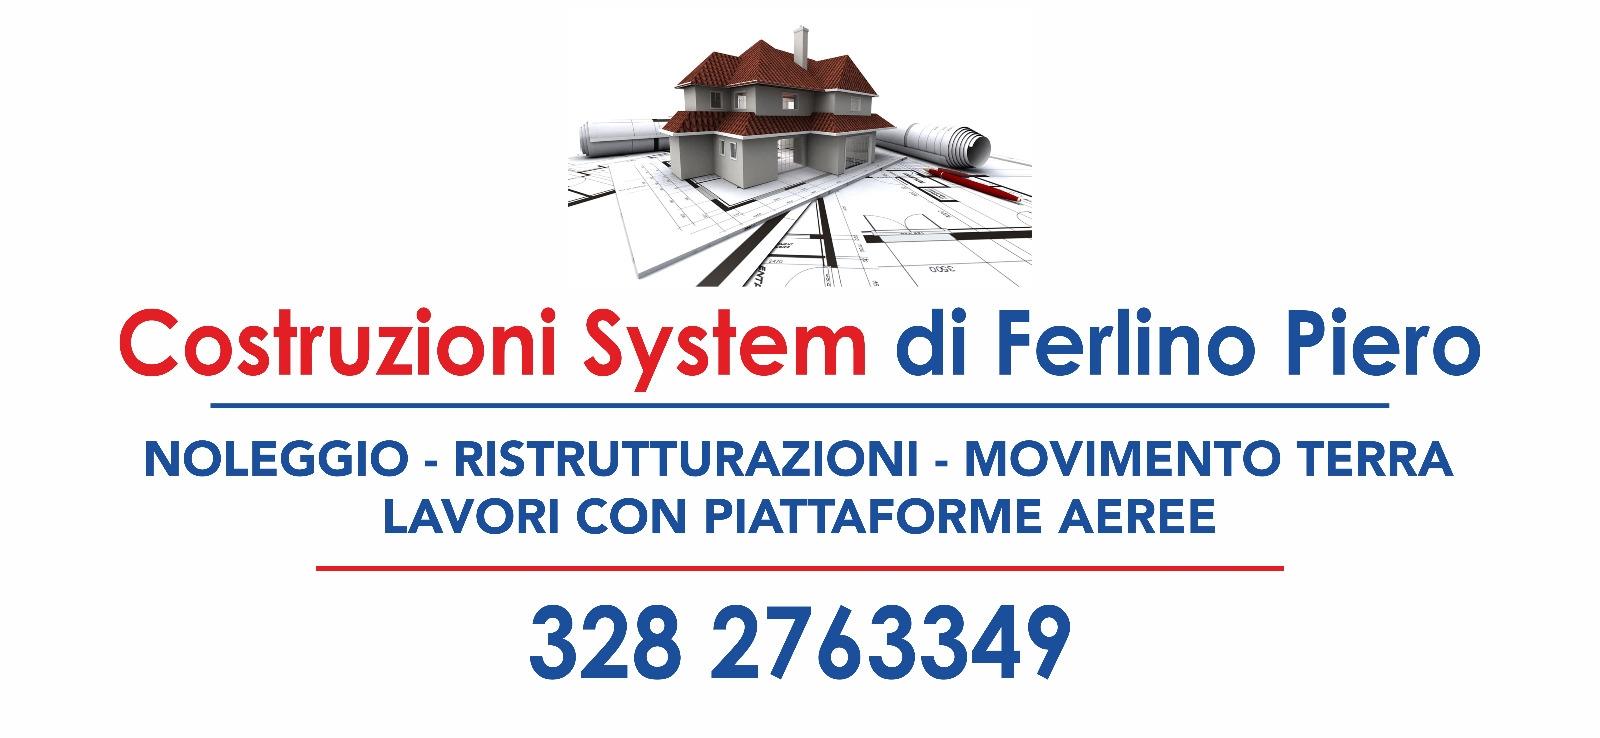 3 costruzioni system di ferlino piero